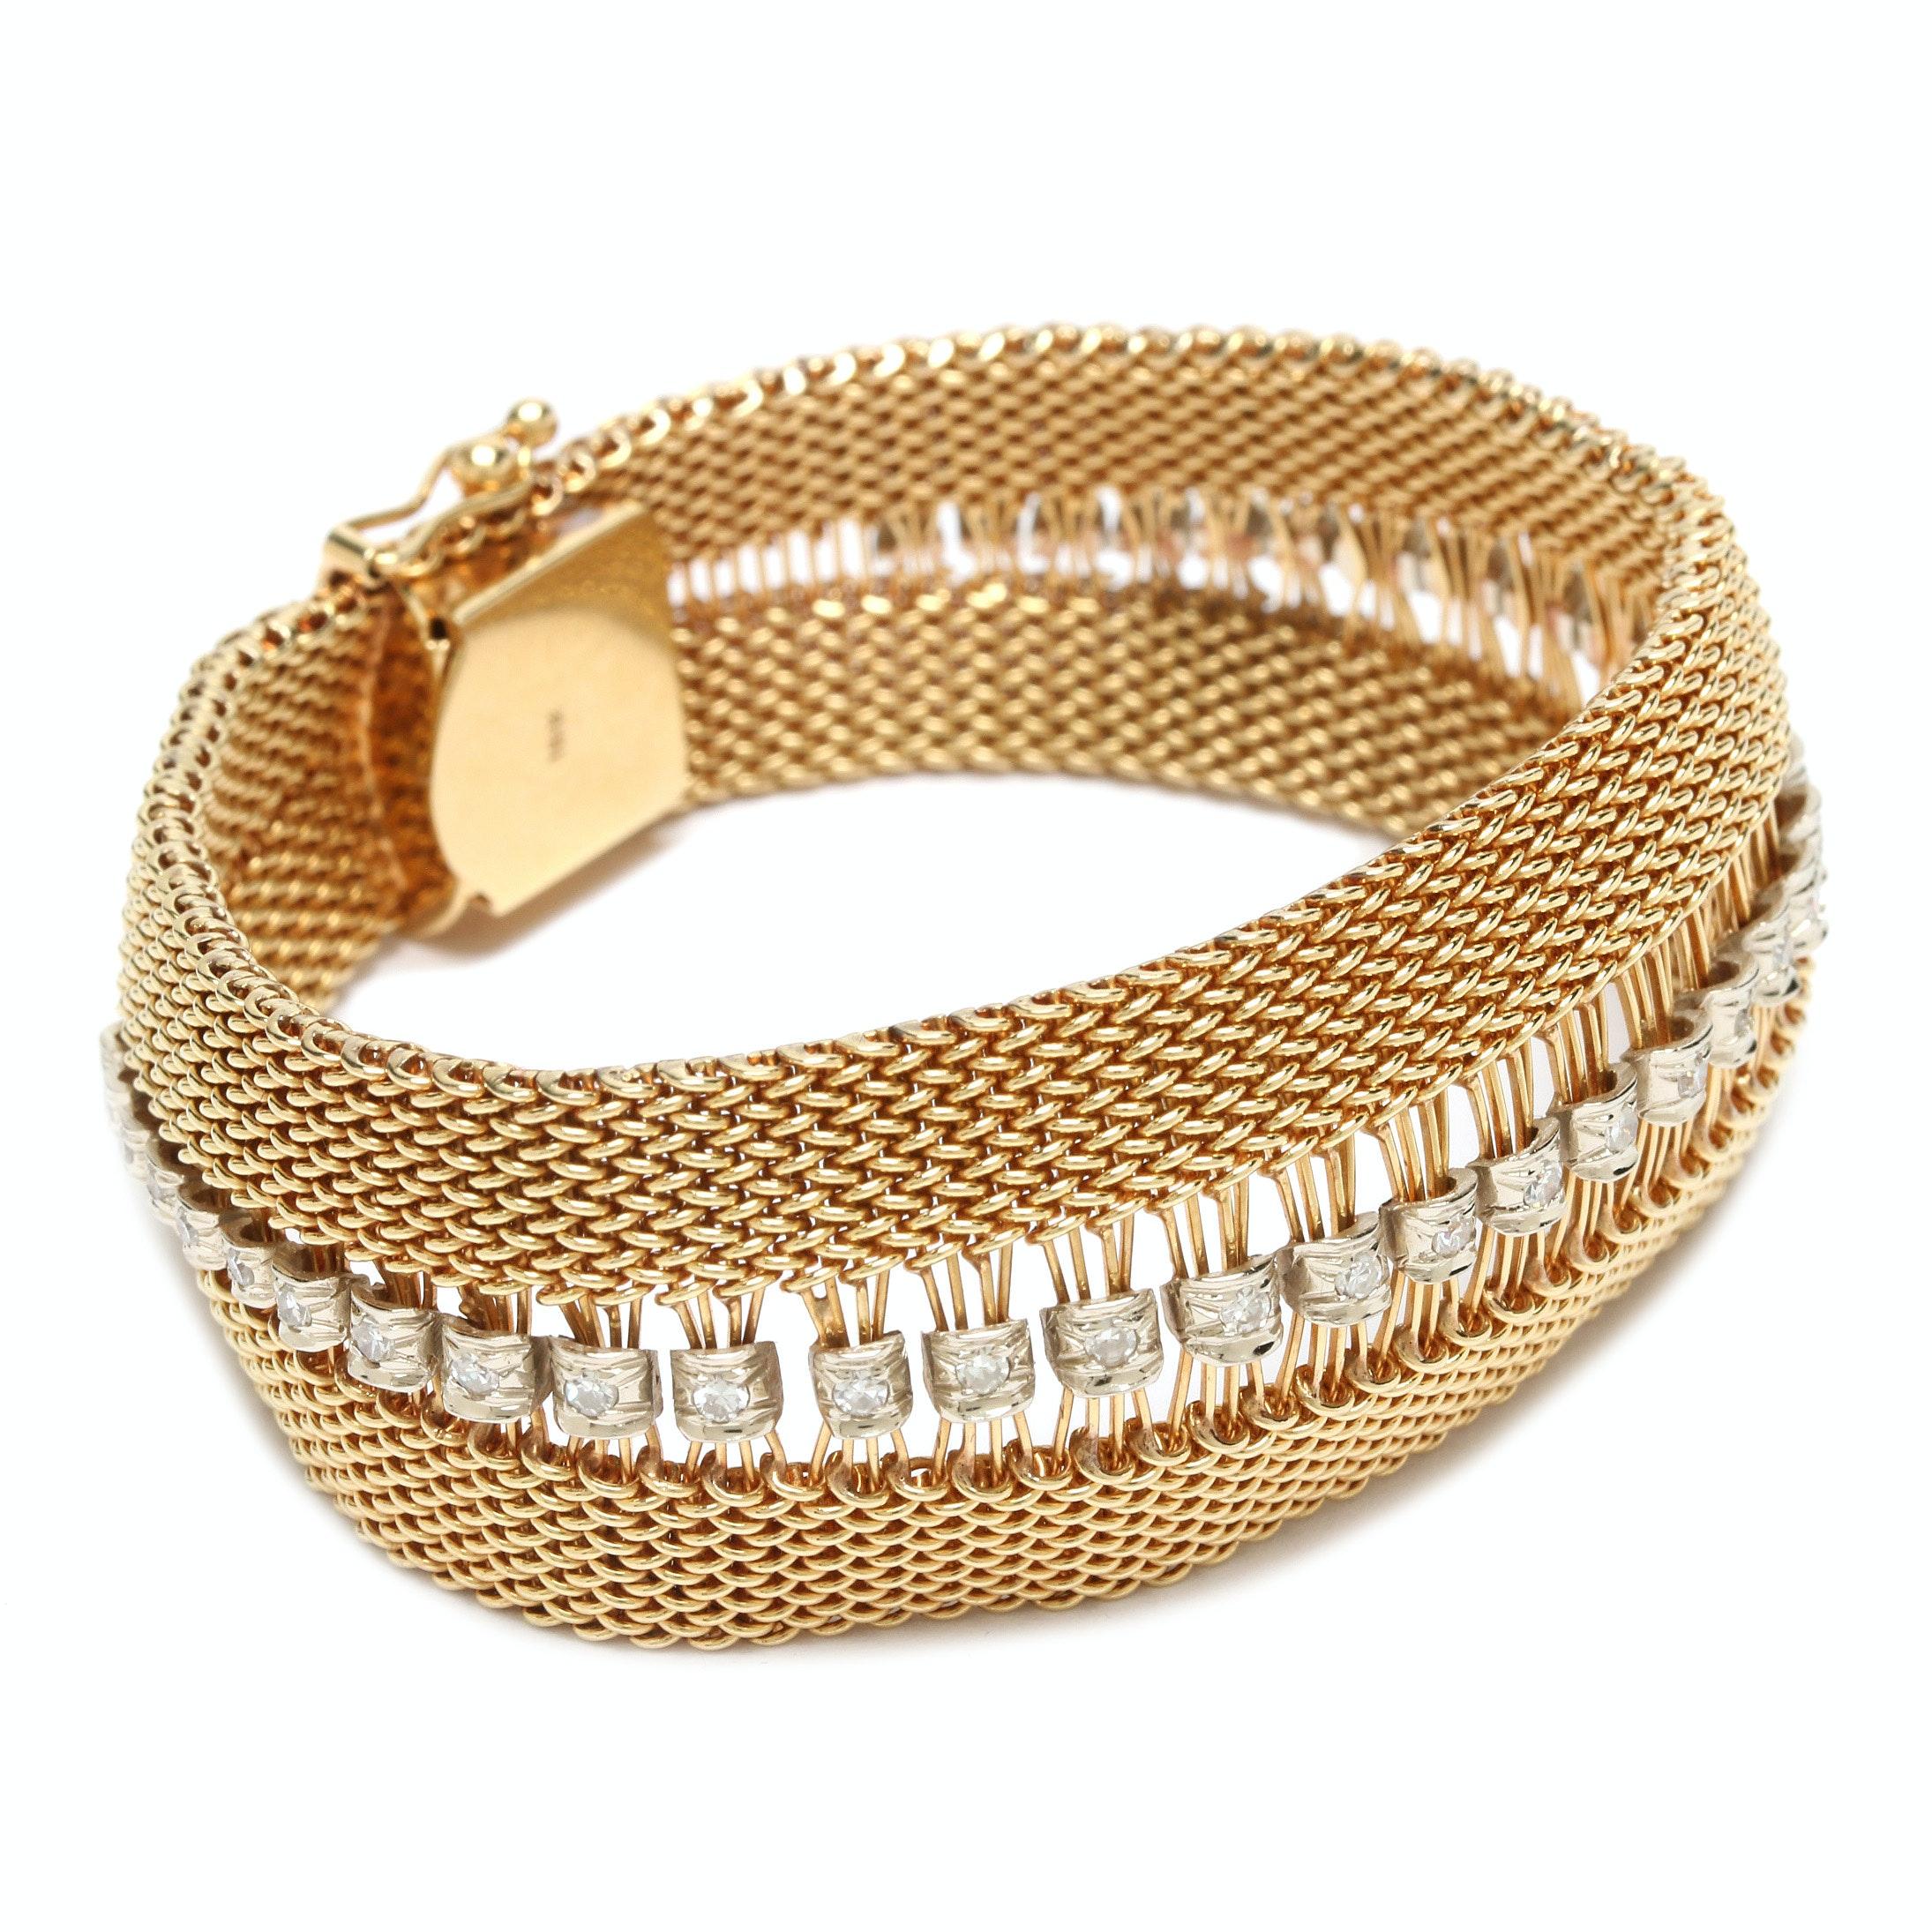 18K Yellow Gold Diamond Woven Mesh Bracelet